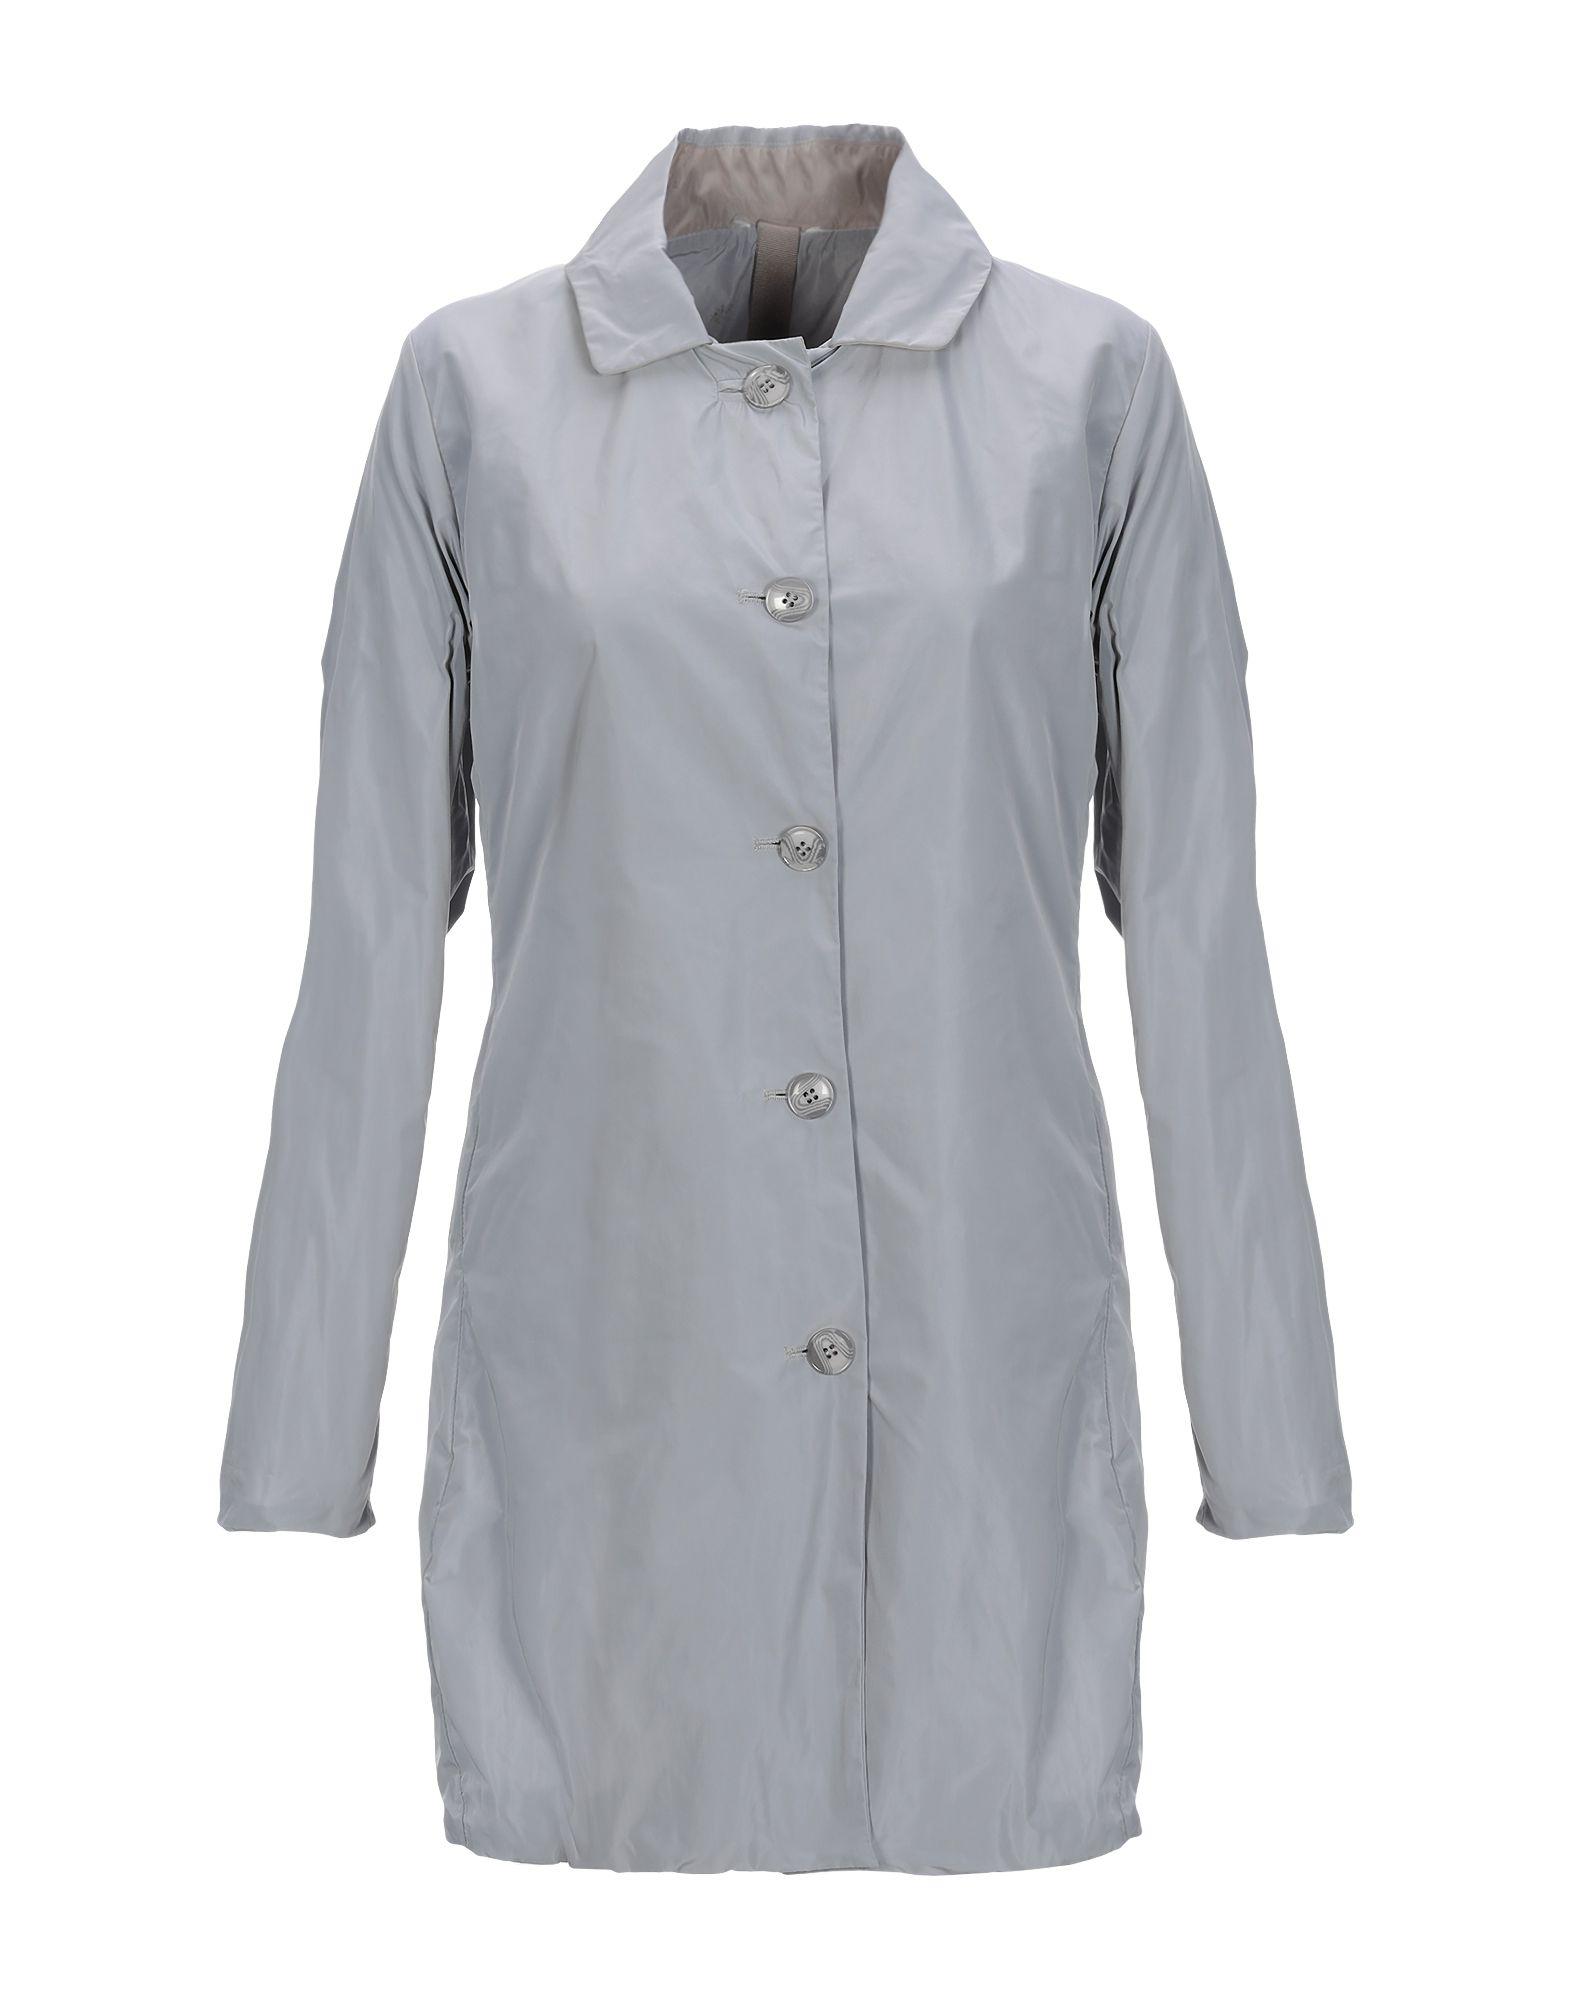 PAOLA PRATA Легкое пальто paola prata футболка page 6